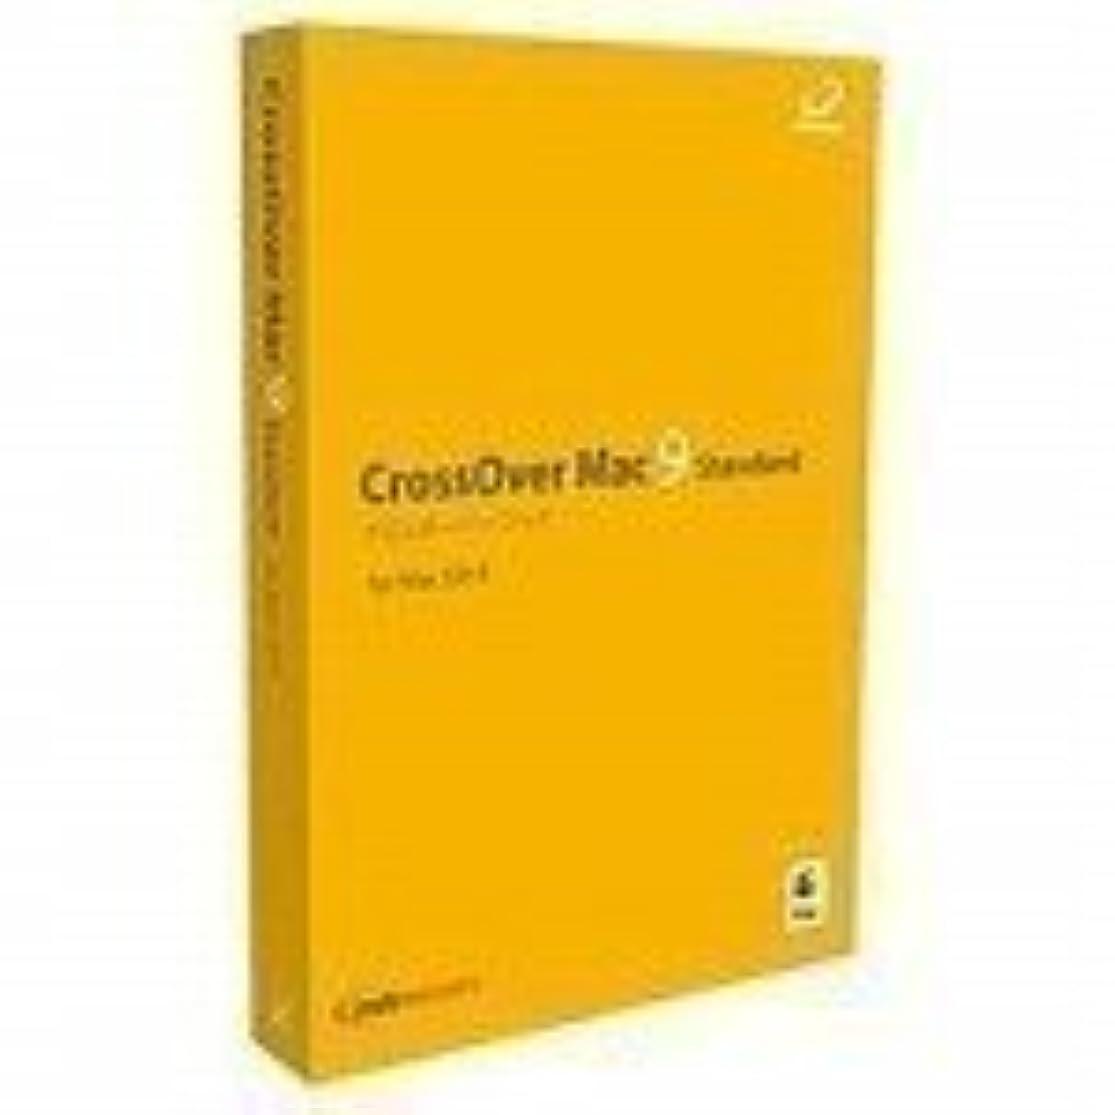 貞おいしいからかうCrossOver Mac 9 Standard(シングルライセンス)